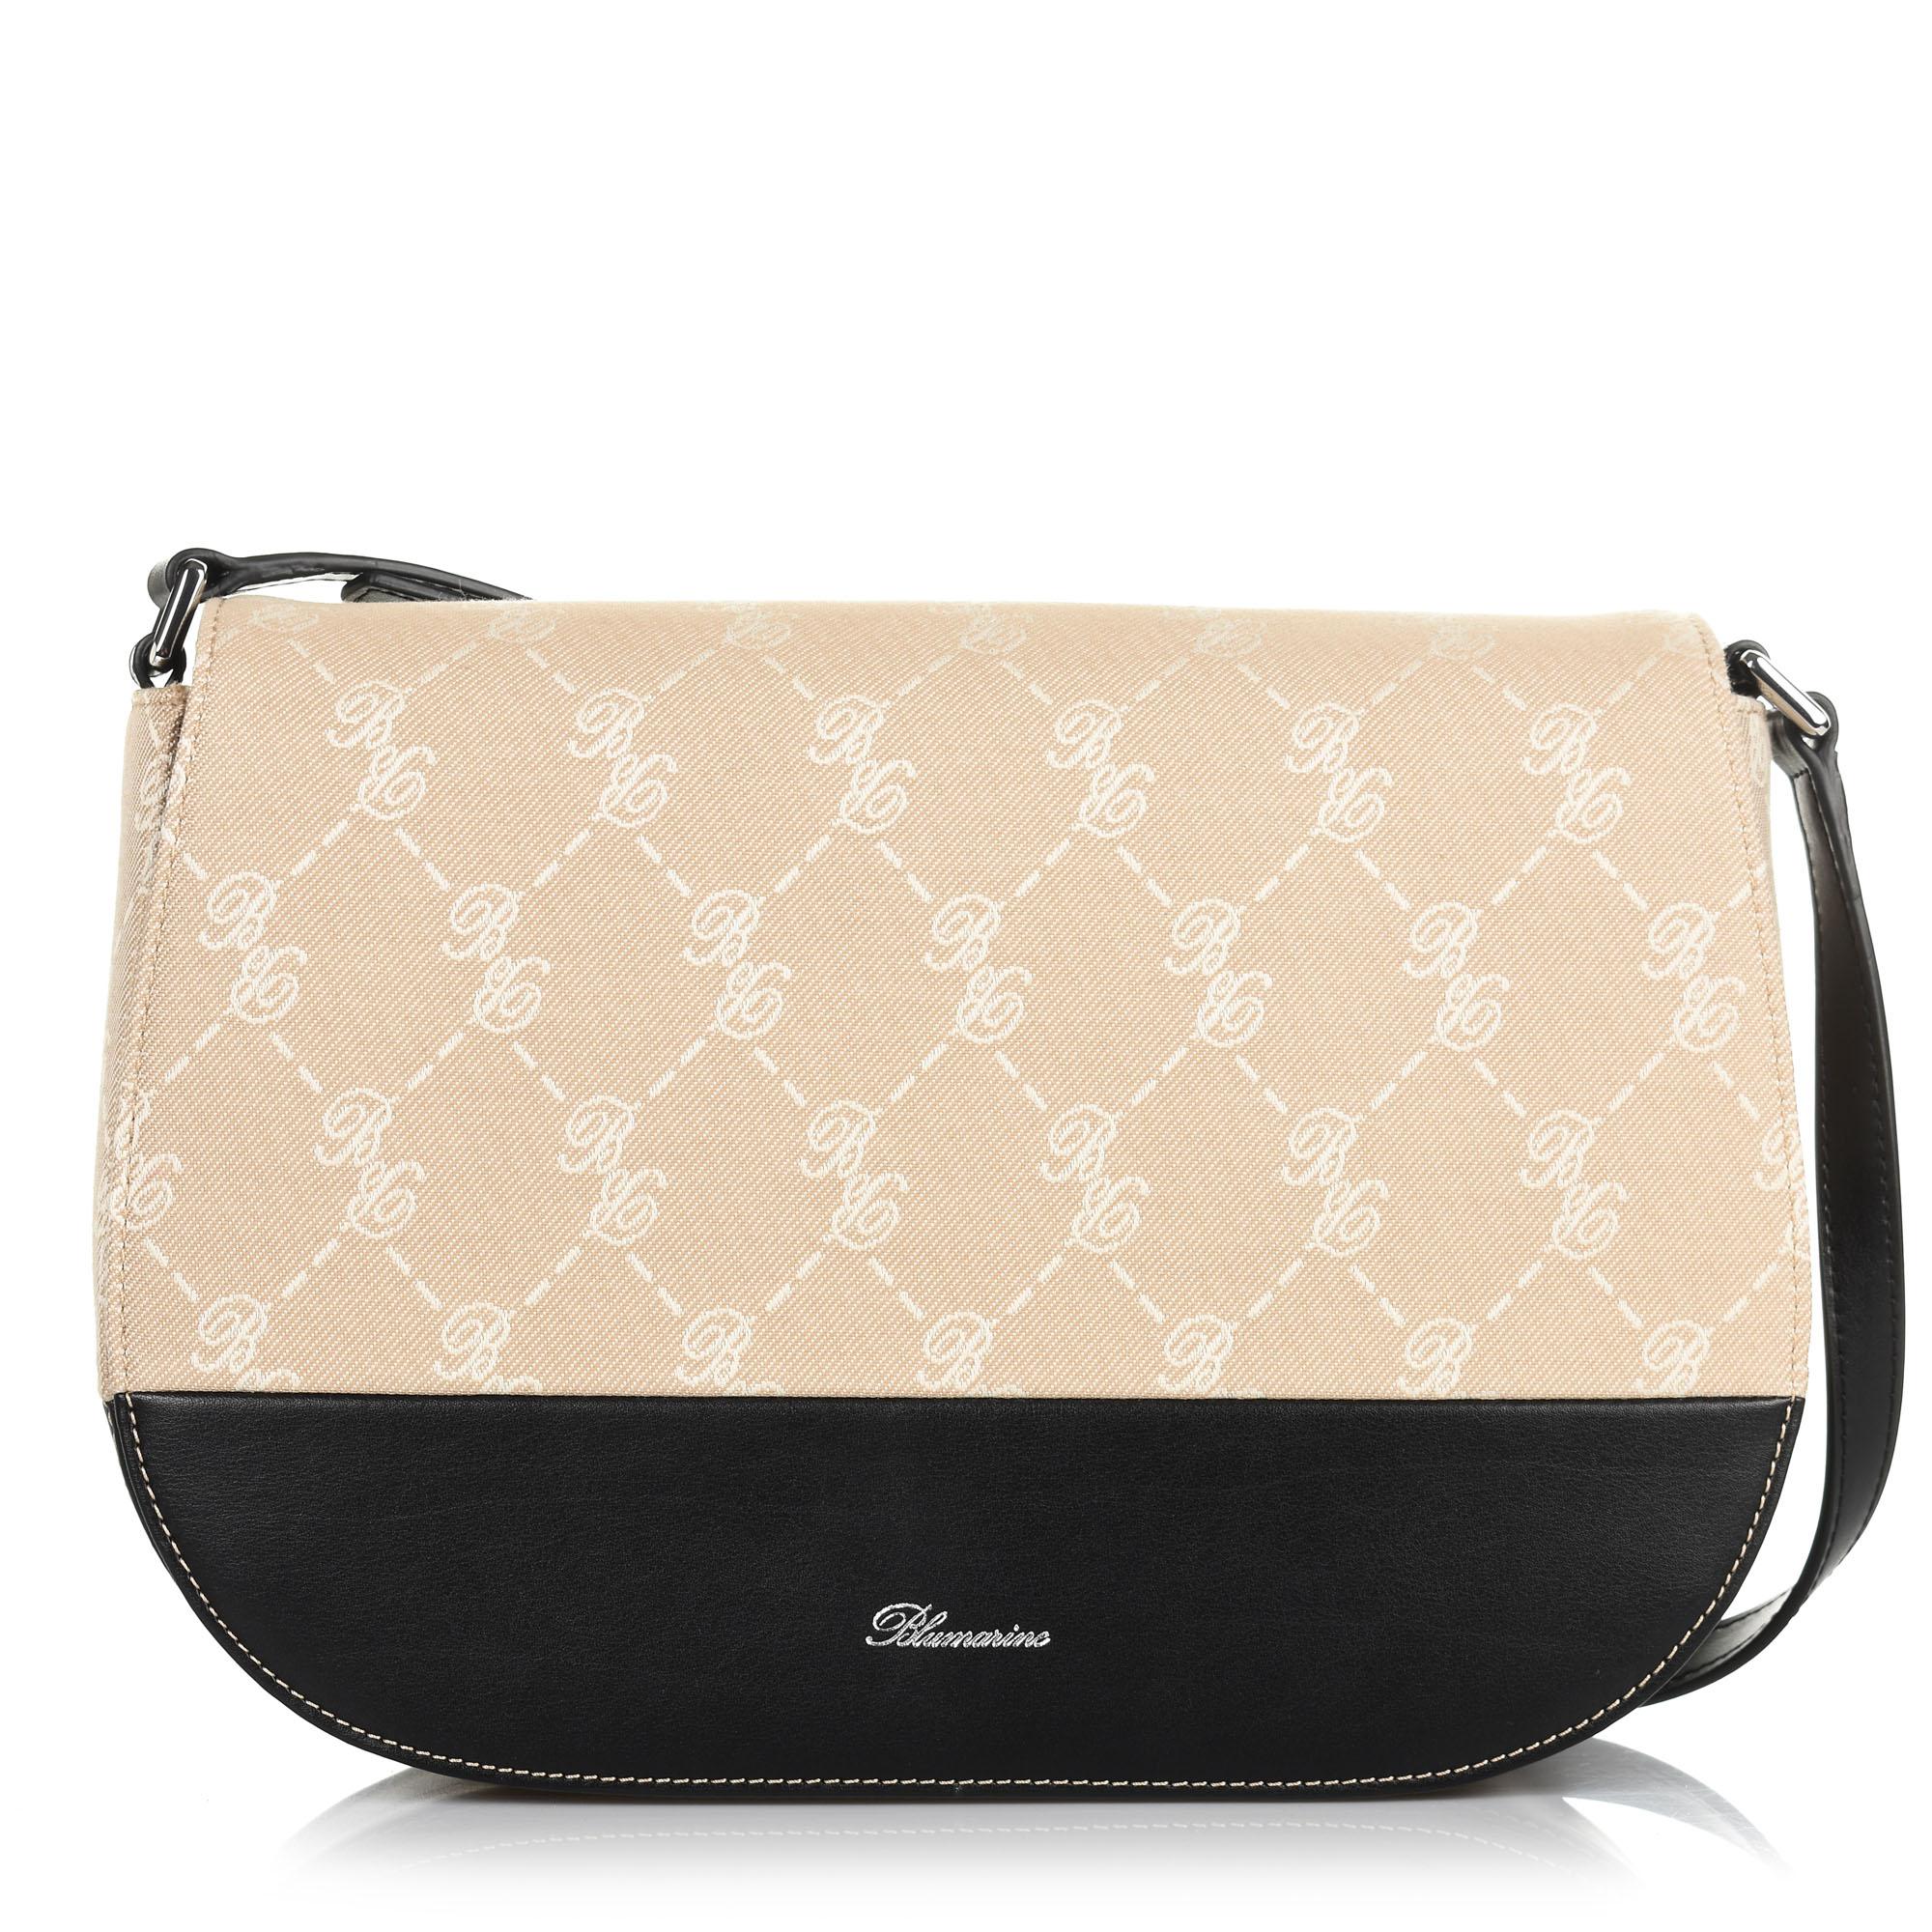 Blumarine Women's Shoulder Bag Black BL1421513